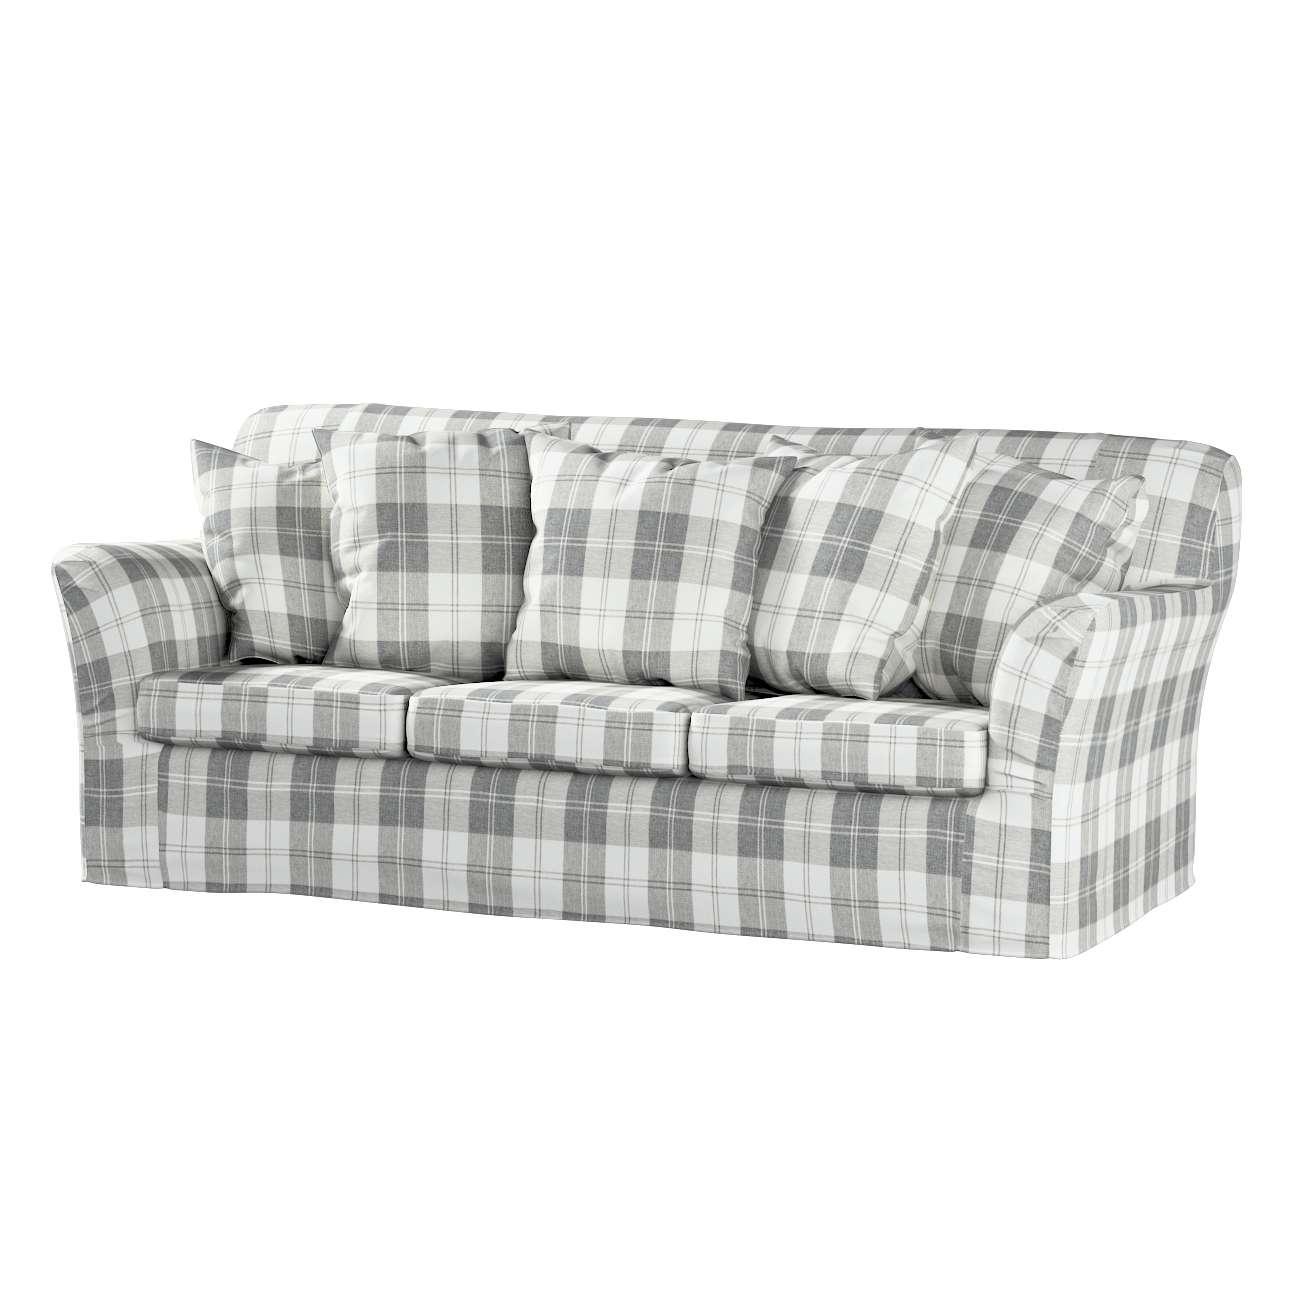 Tomelilla 3-Sitzer Sofabezug nicht ausklappbar Sofahusse, Tomelilla 3-Sitzer von der Kollektion Edinburgh , Stoff: 115-79